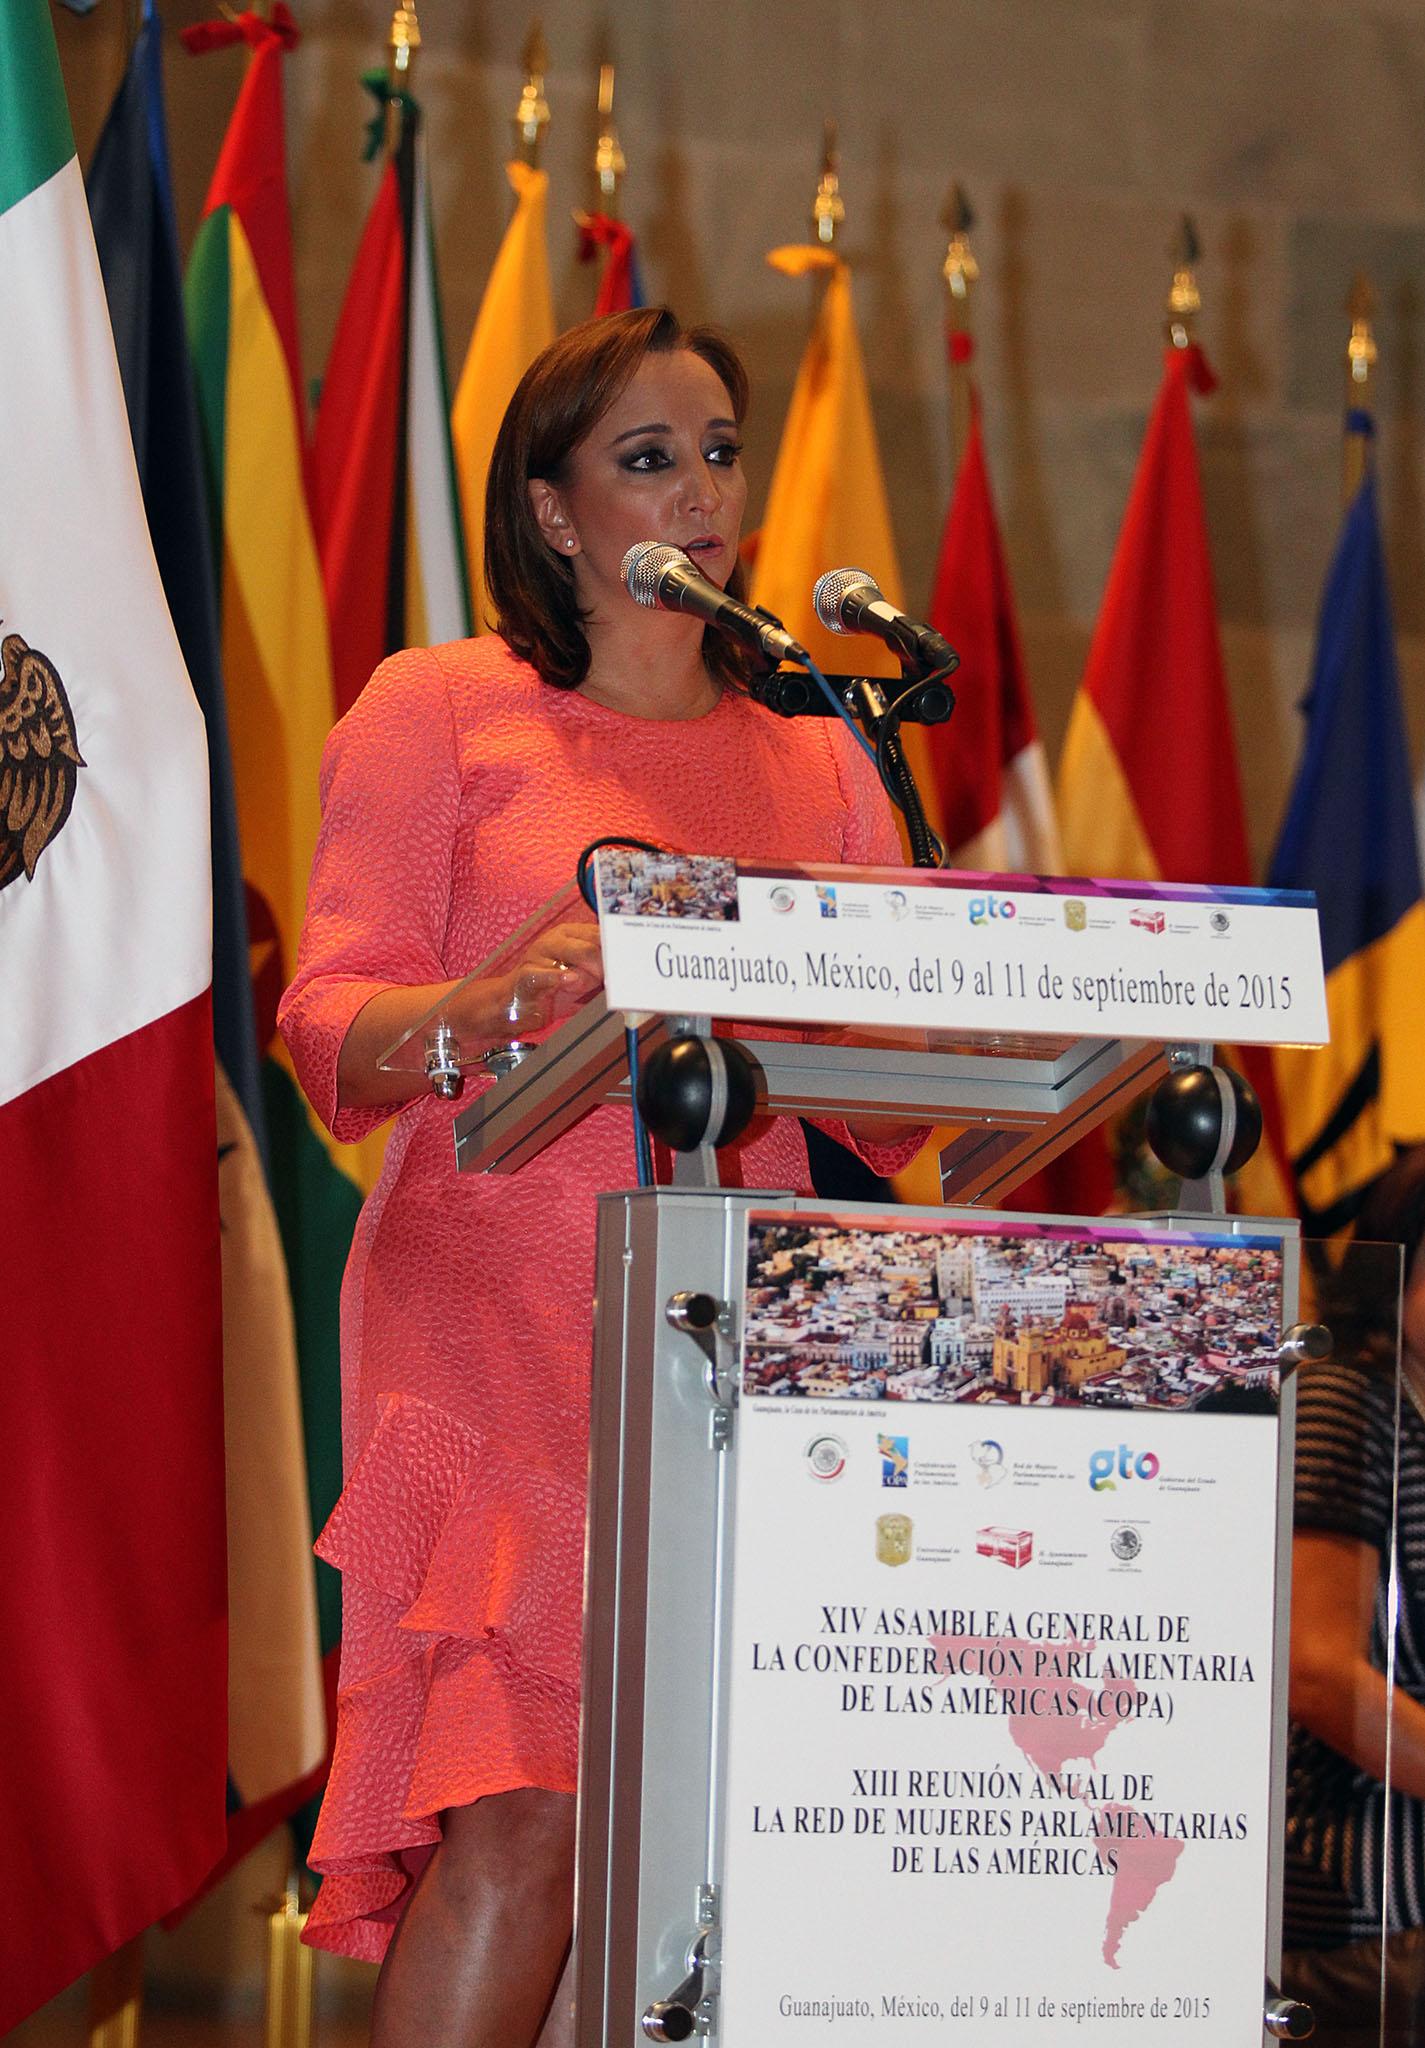 FOTO 1 Canciller Claudia Ruiz Massieu en la XIV Asamblea General de la Confederaci n Parlamentaria de las Am ricas.jpg